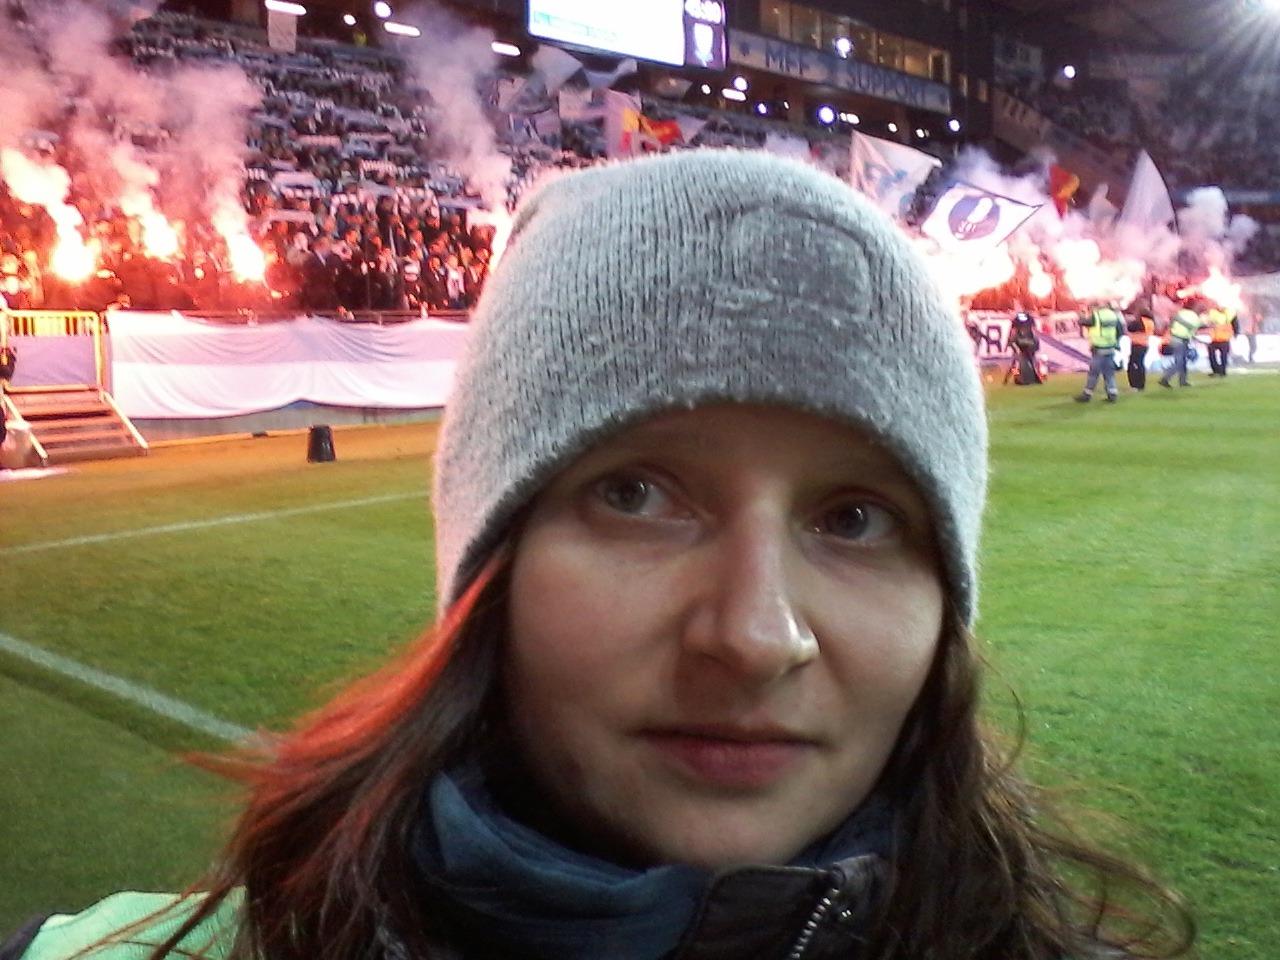 Doktoranden Katarzyna Herd står på en fotbollsarena där det brinner bengaler ab8b74e3f4d9a